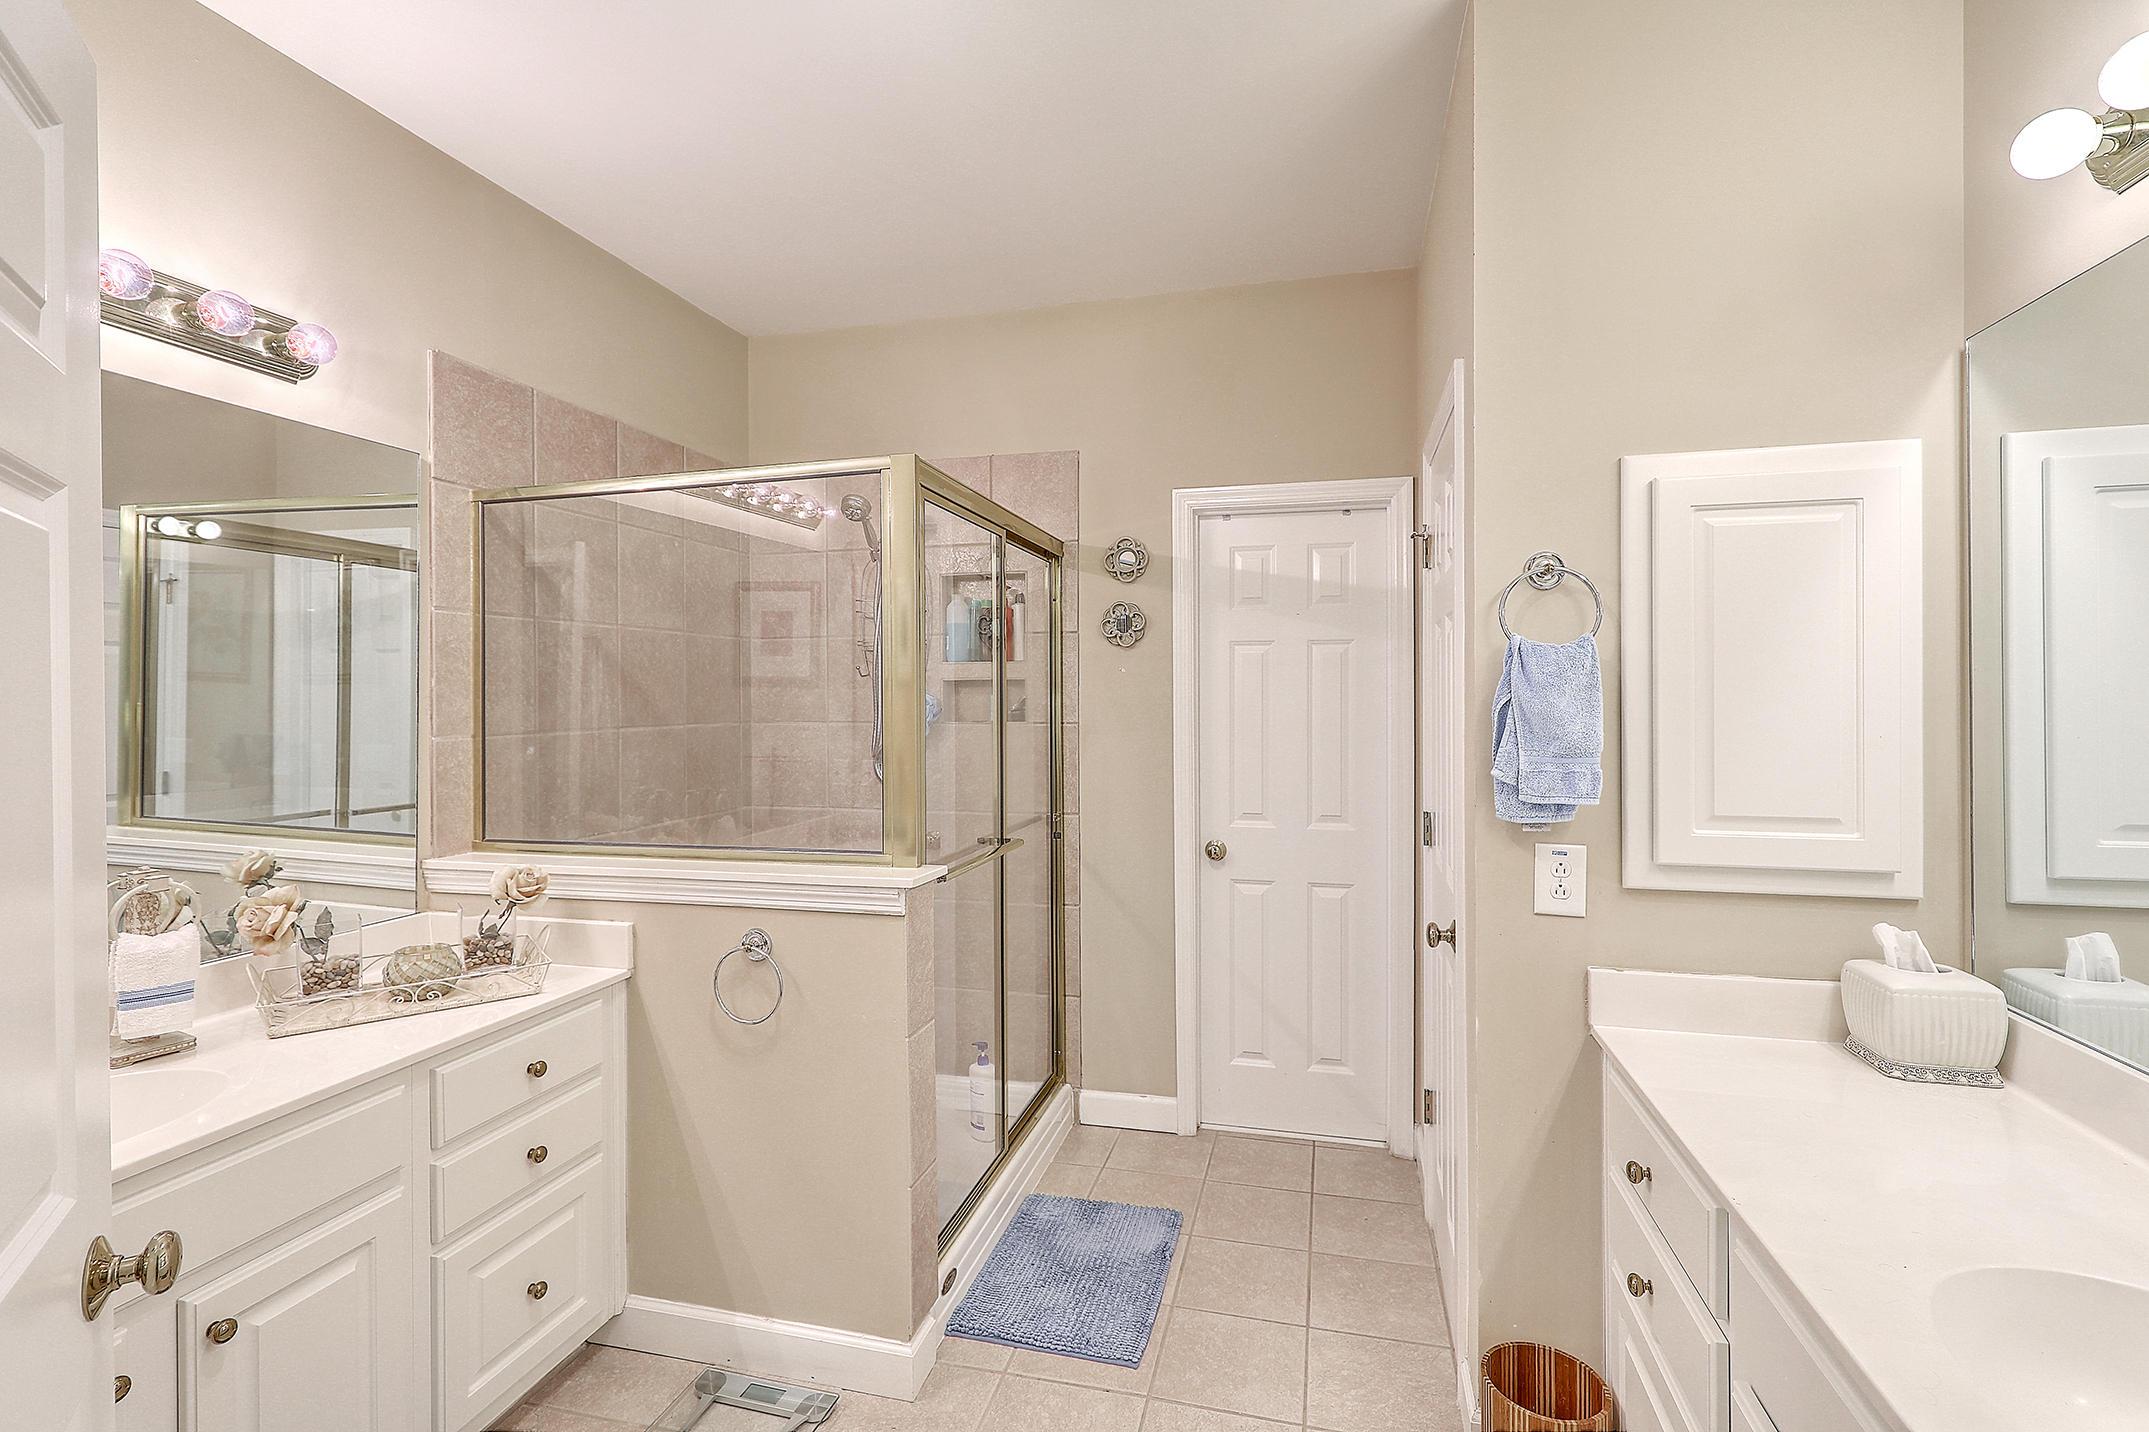 Dunes West Homes For Sale - 129 Palm Cove, Mount Pleasant, SC - 25